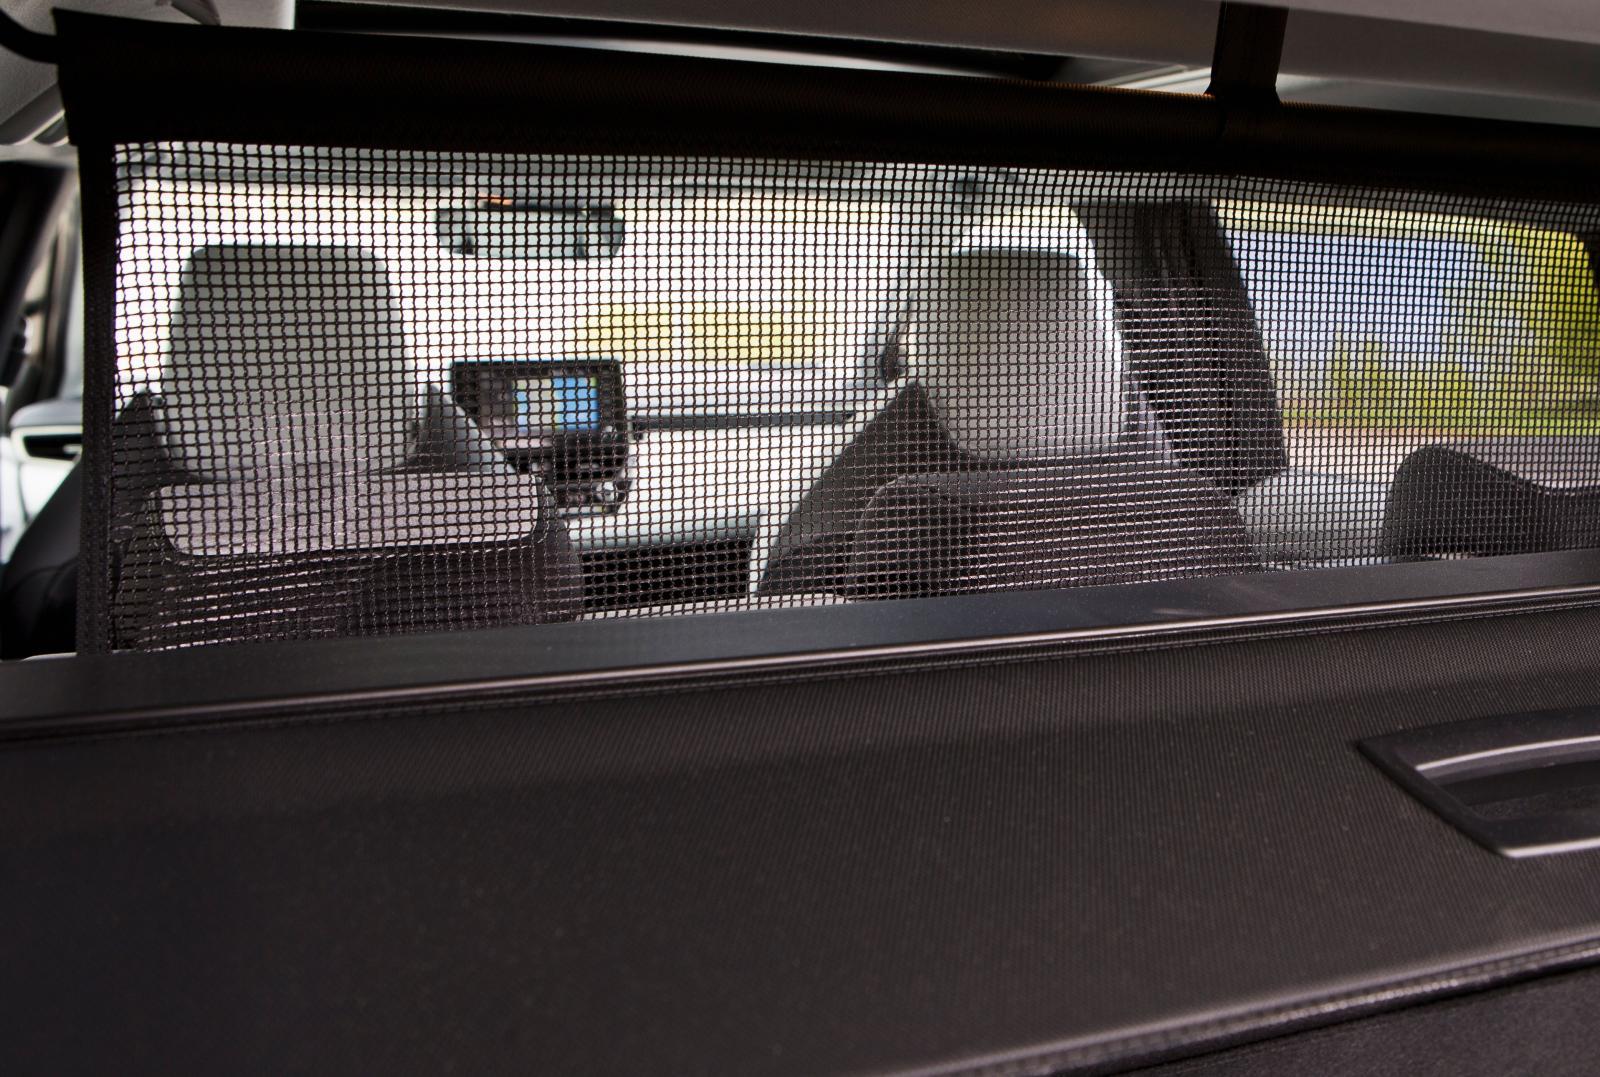 Låg vikt och smidig skötsel präglar testbilarnas detaljer. Toyotas insynsskydd och lastförskjutningsnät är superlätta att hantera även för ovana.